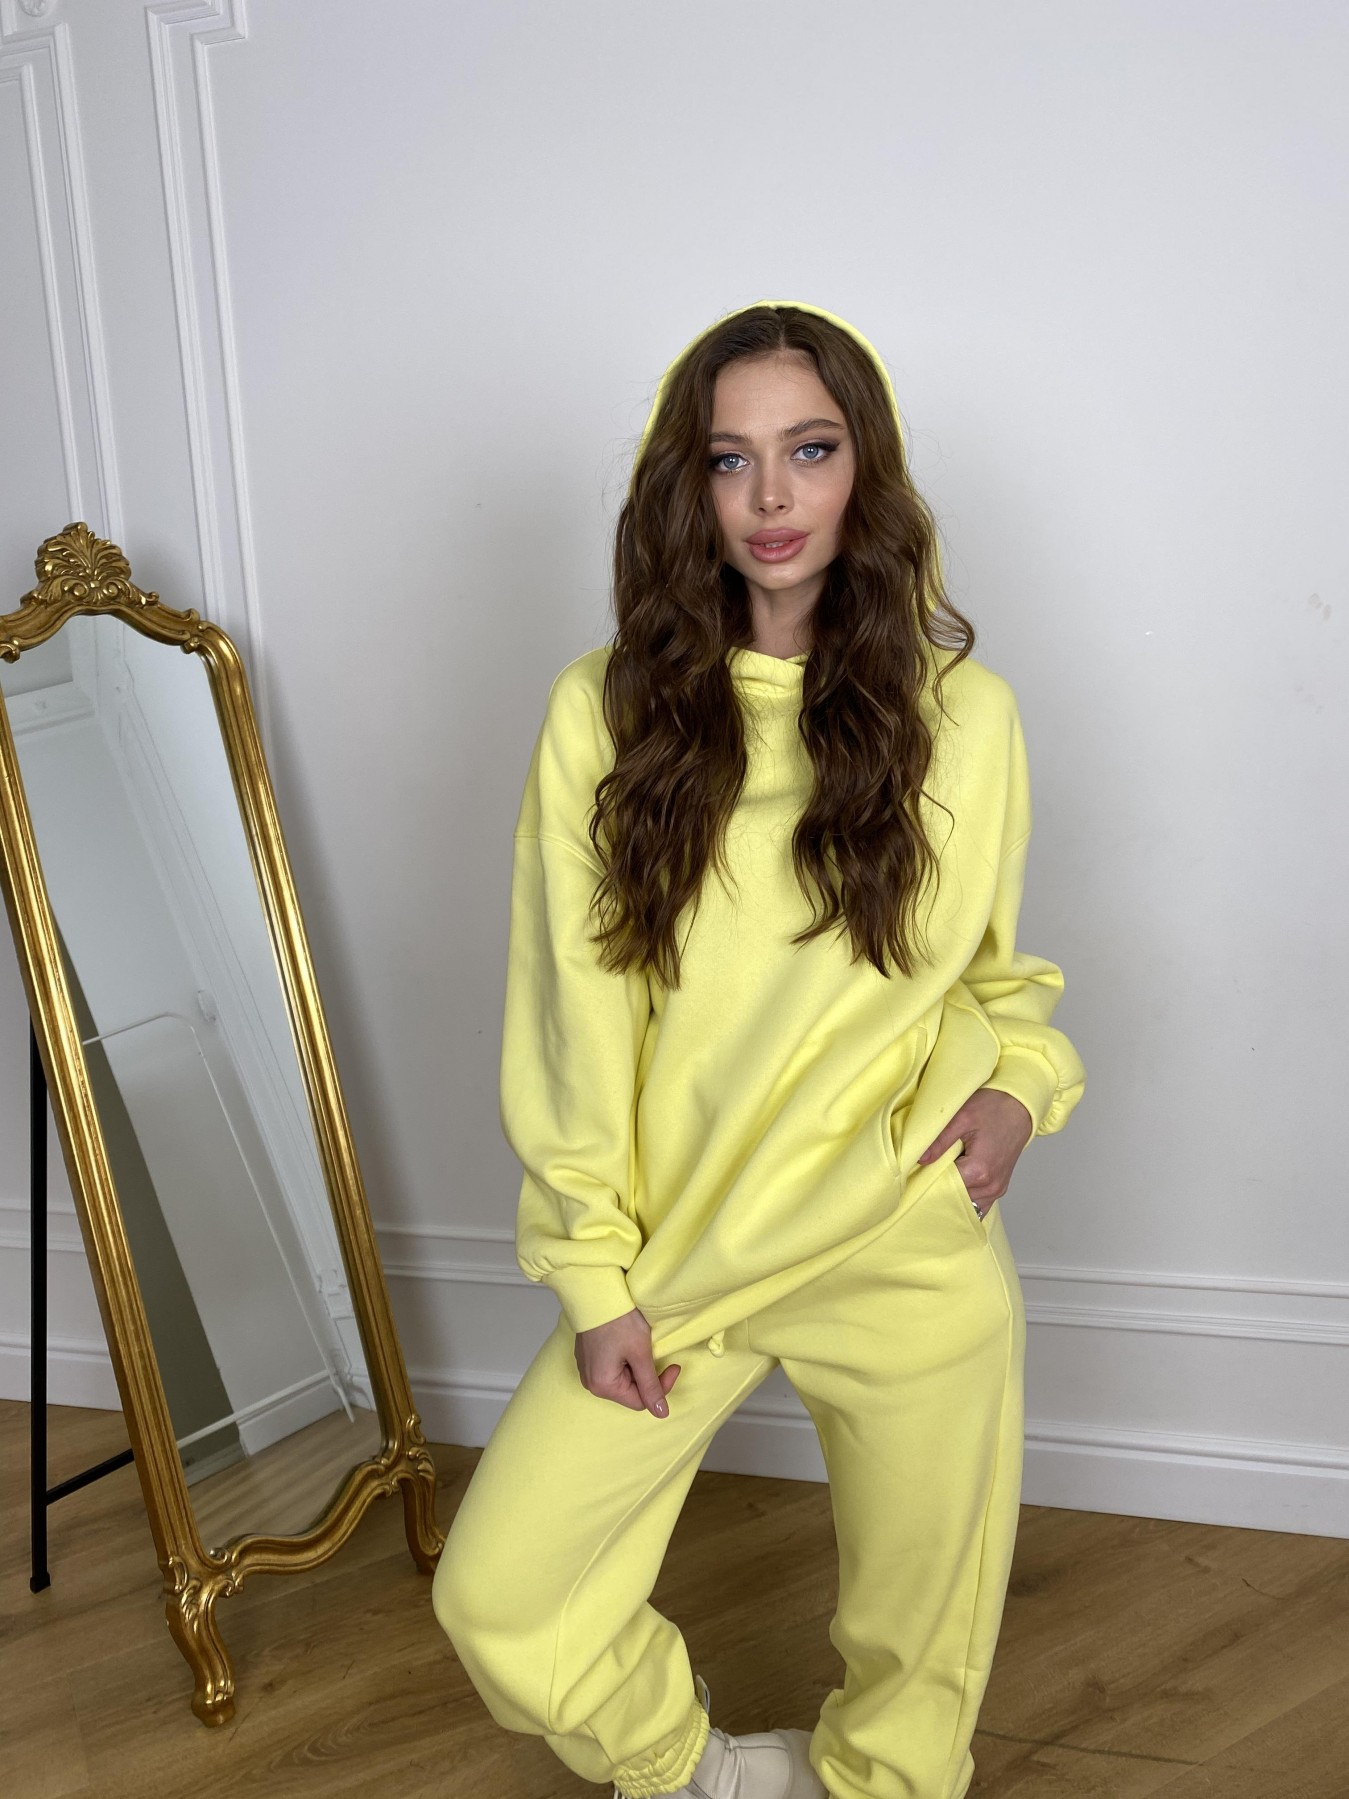 Марион костюм в  стиле Oversize  3х нитка 9651 АРТ. 46905 Цвет: Лимон - фото 8, интернет магазин tm-modus.ru